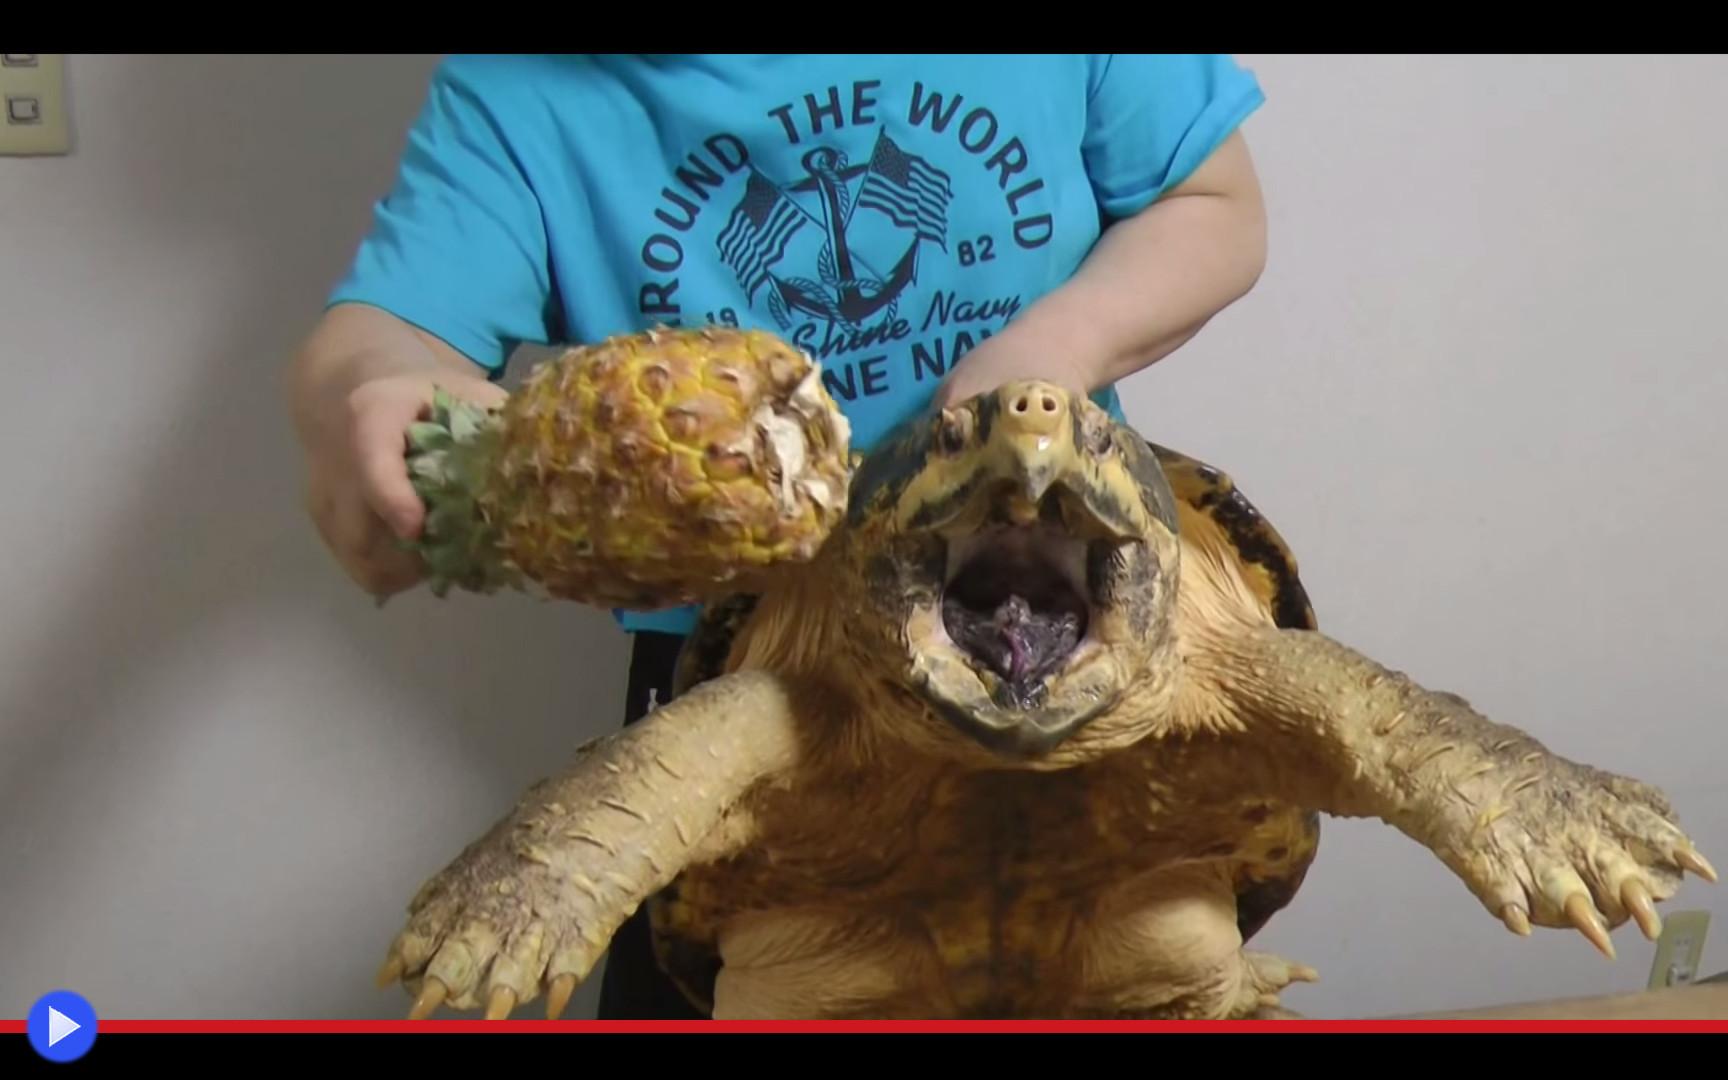 come serch estetica di lusso marchio popolare Come un ananas ghermito dalla tartaruga alligatore - Il blog ...